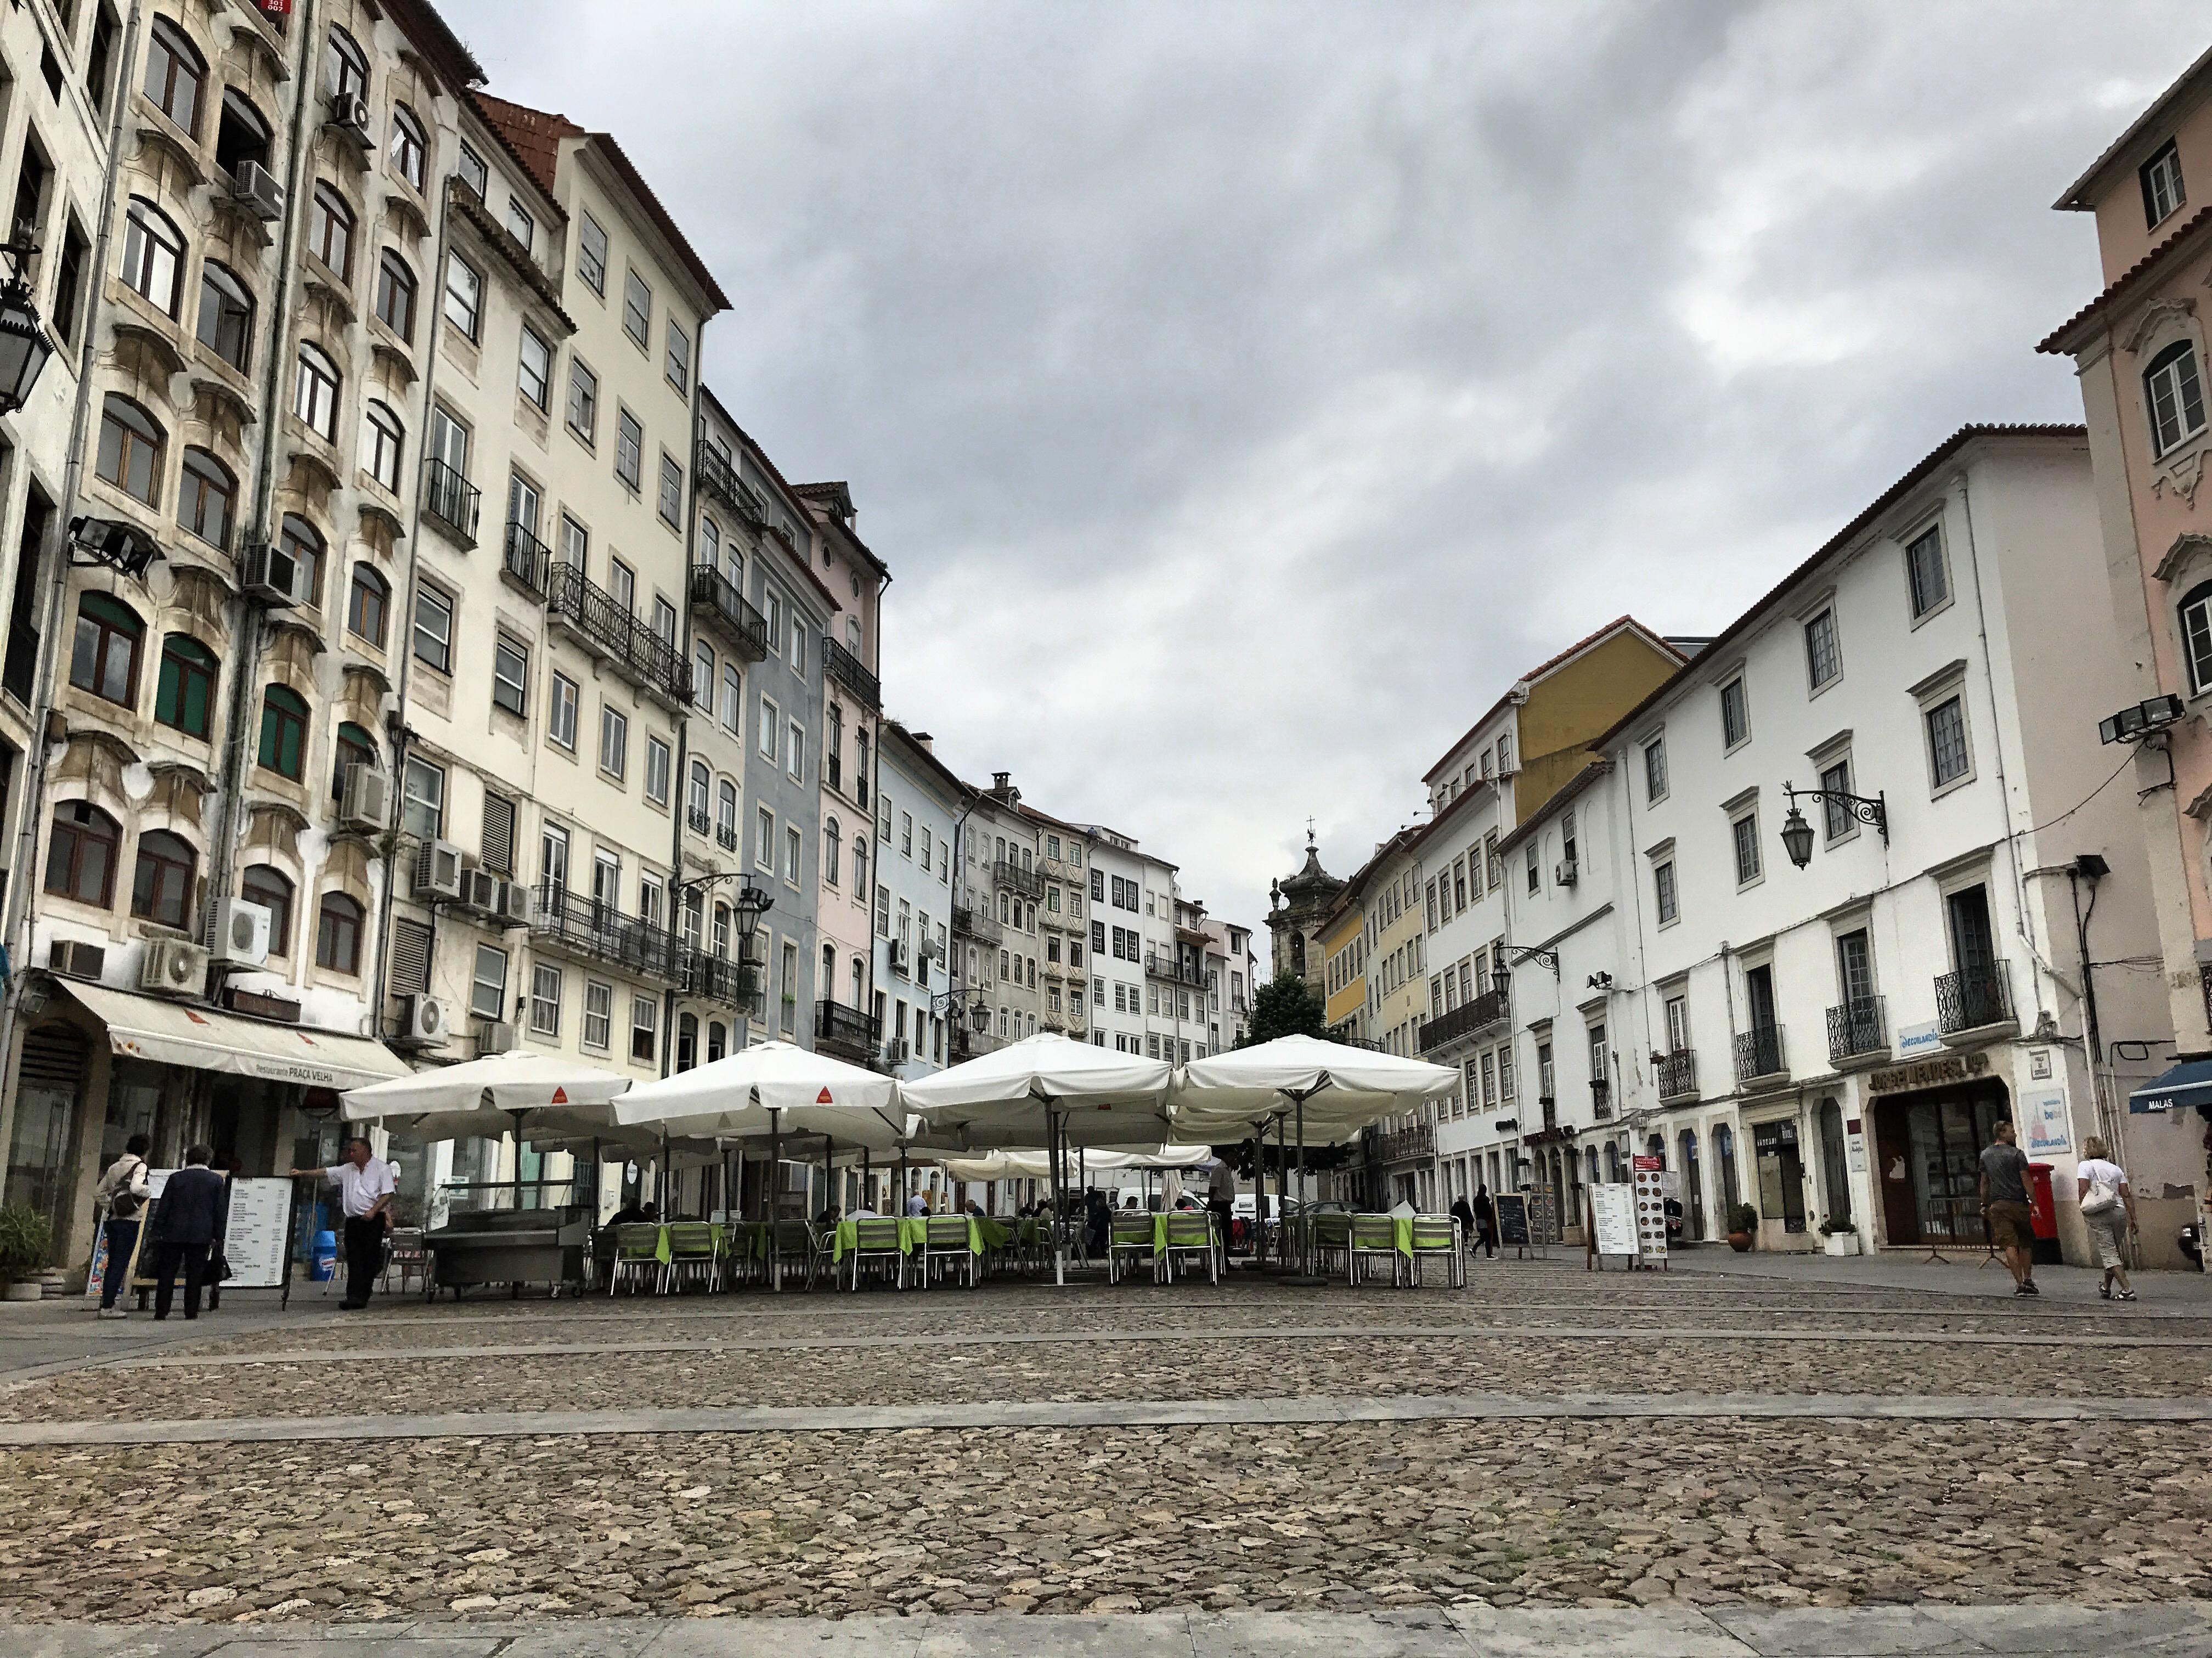 Praça do Comercio Coimbra